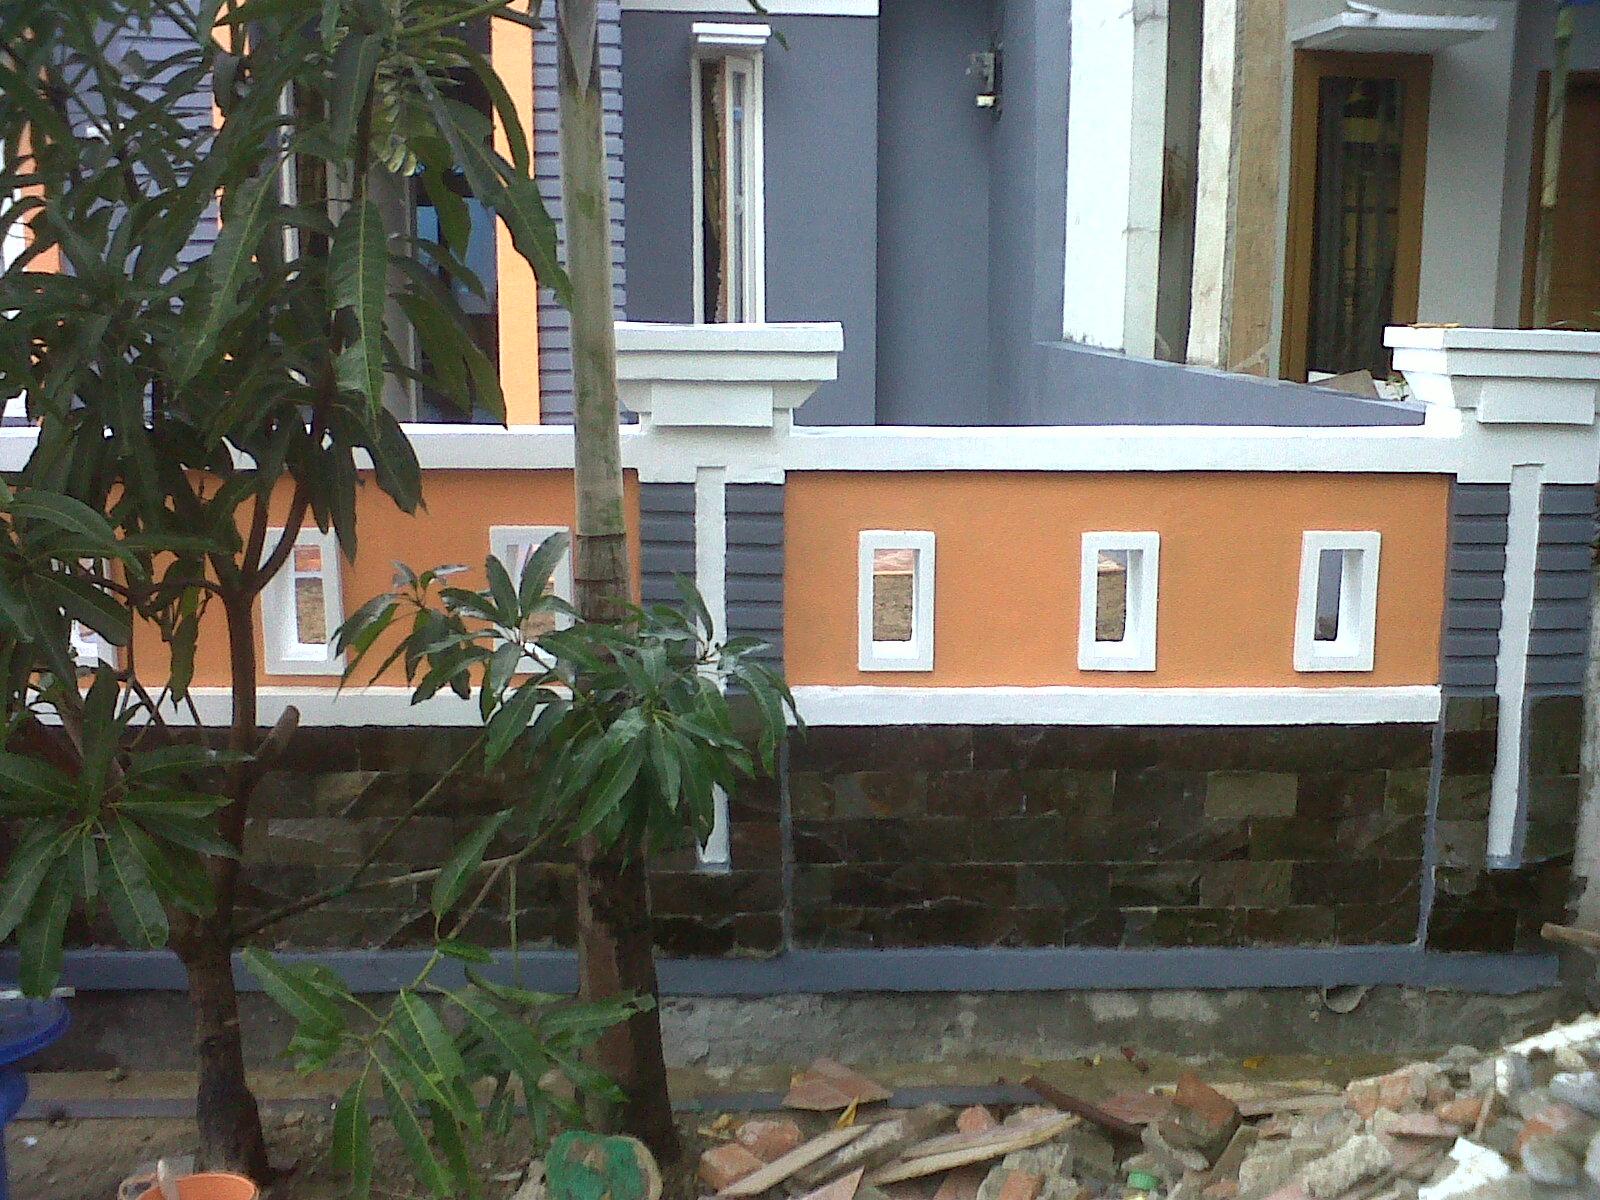 Kos Tembok Pagar Rumah Teres | Ask Home Design